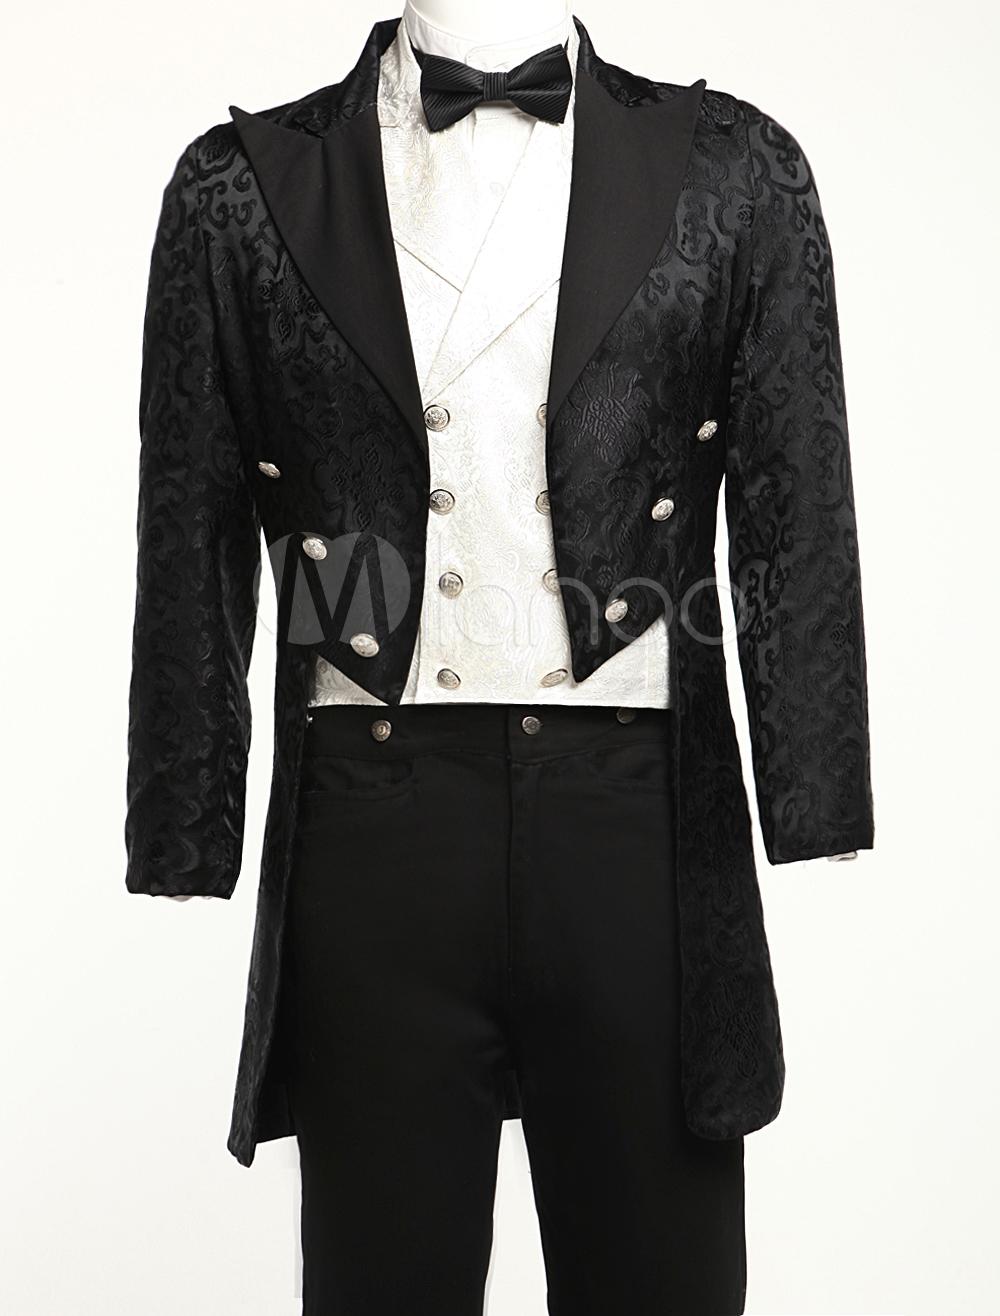 Buy Men's Vintage Costume Rococo Black High Low Coat Retro Overcoat Halloween for $87.99 in Milanoo store